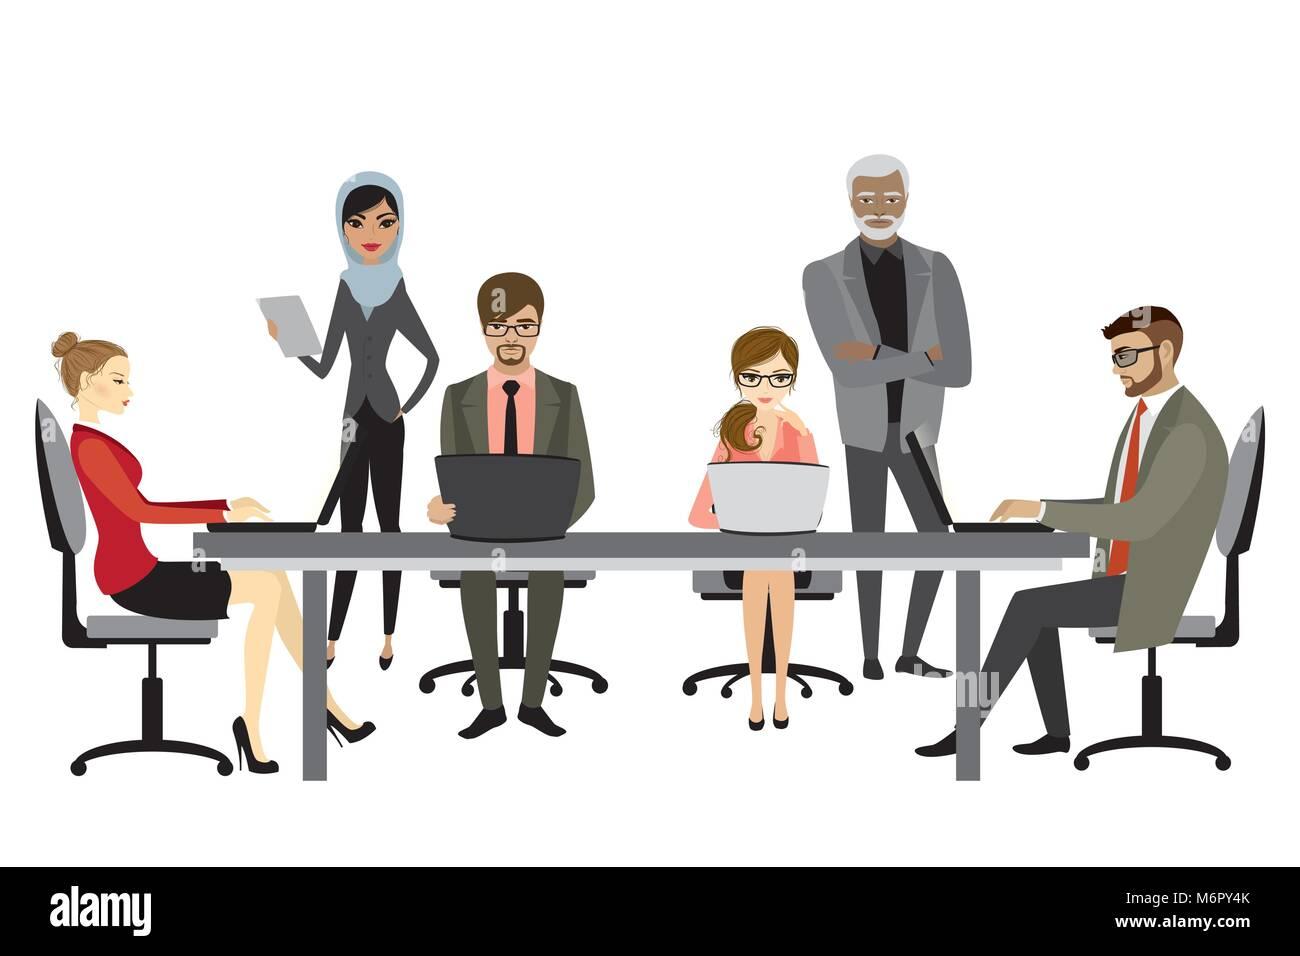 Imagenes De Personas Trabajando En Equipo: Las Personas Trabajando En Equipo Estilo Planas Cartoon